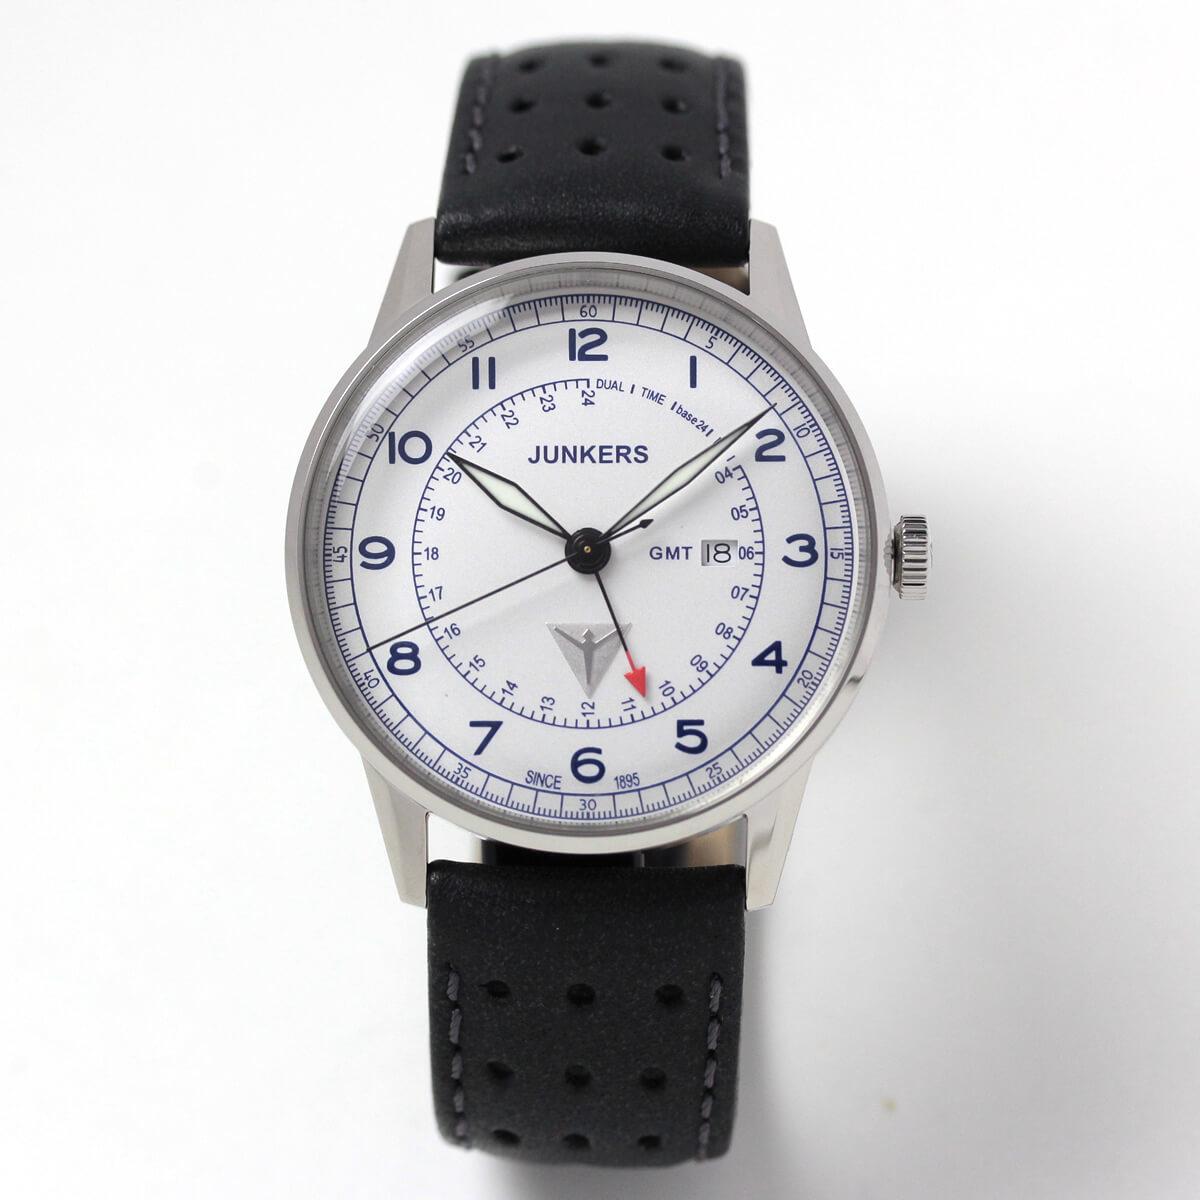 ユンカース腕時計 試着イメージ モデルの腕周りは16cmです